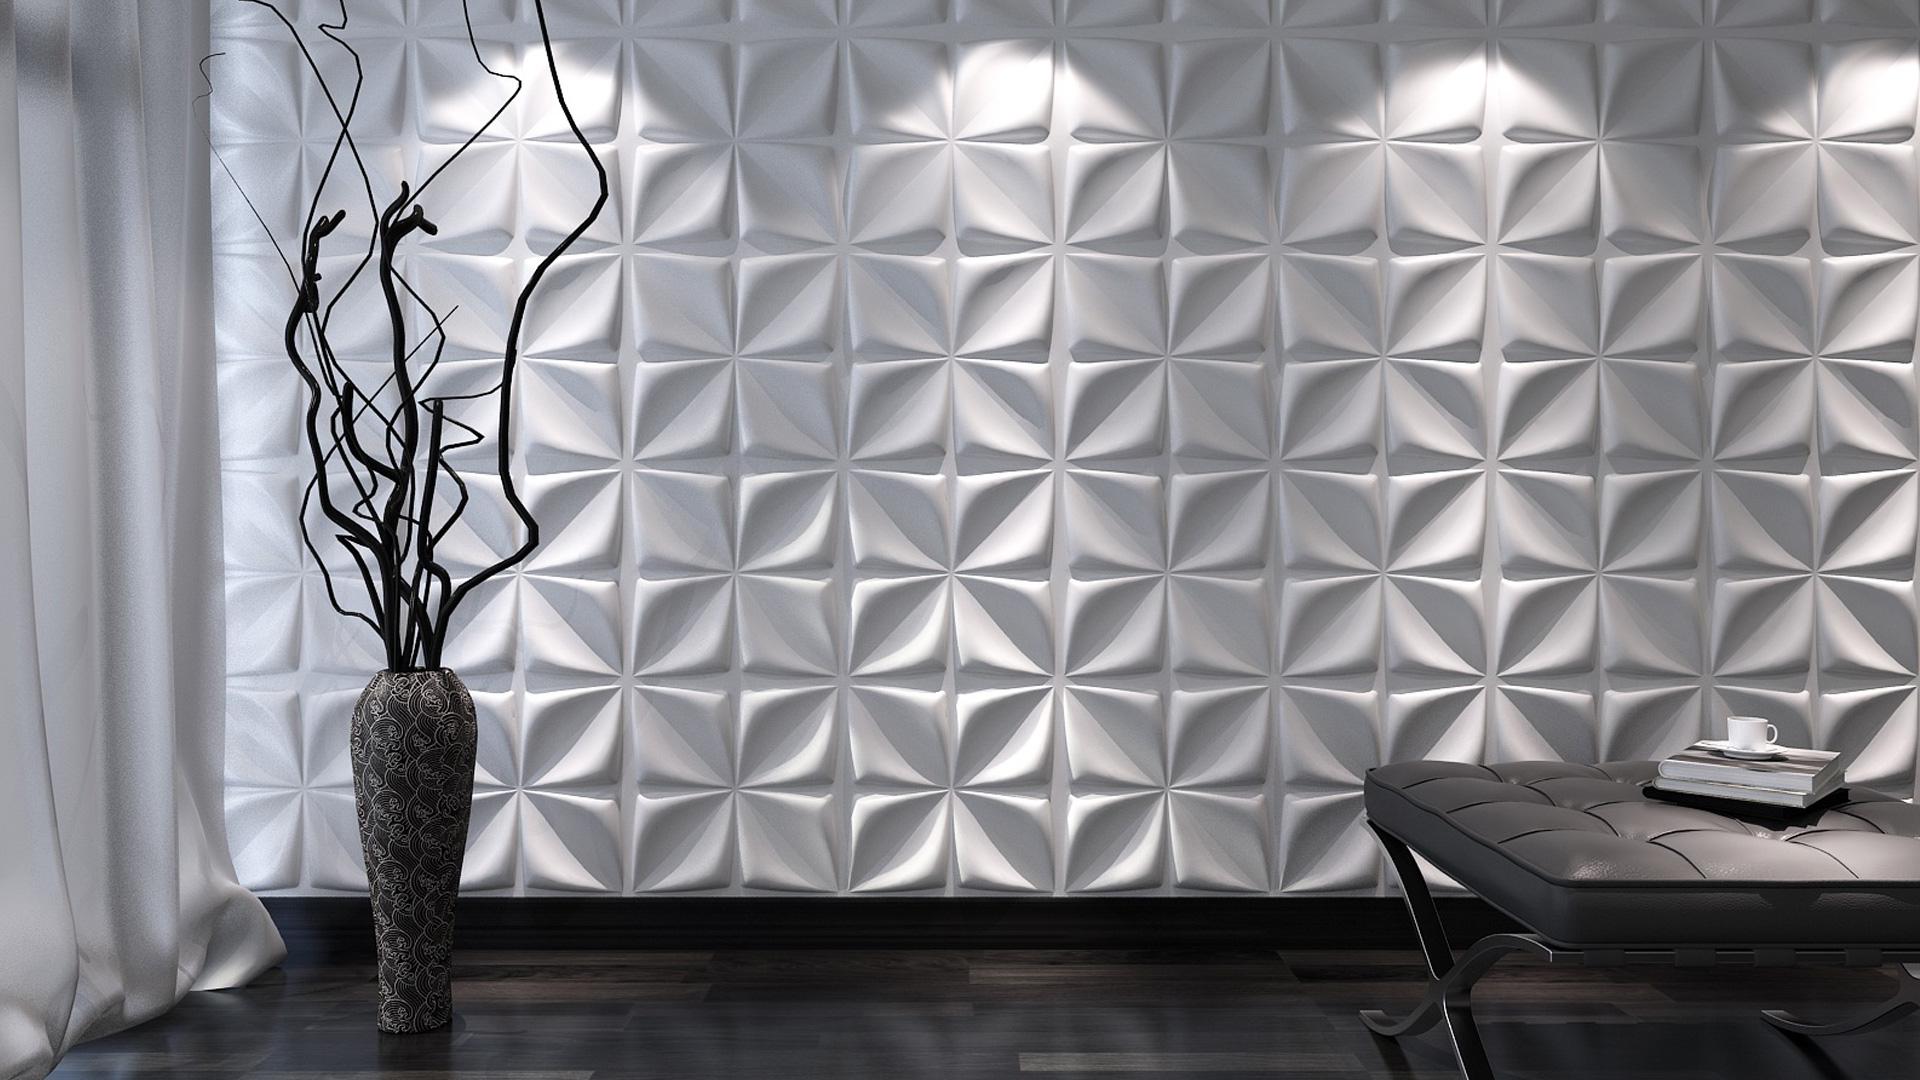 tapeten fr wohnzimmer jtleigh hausgestaltung ideen - Wohnzimmer Tapeten 2015